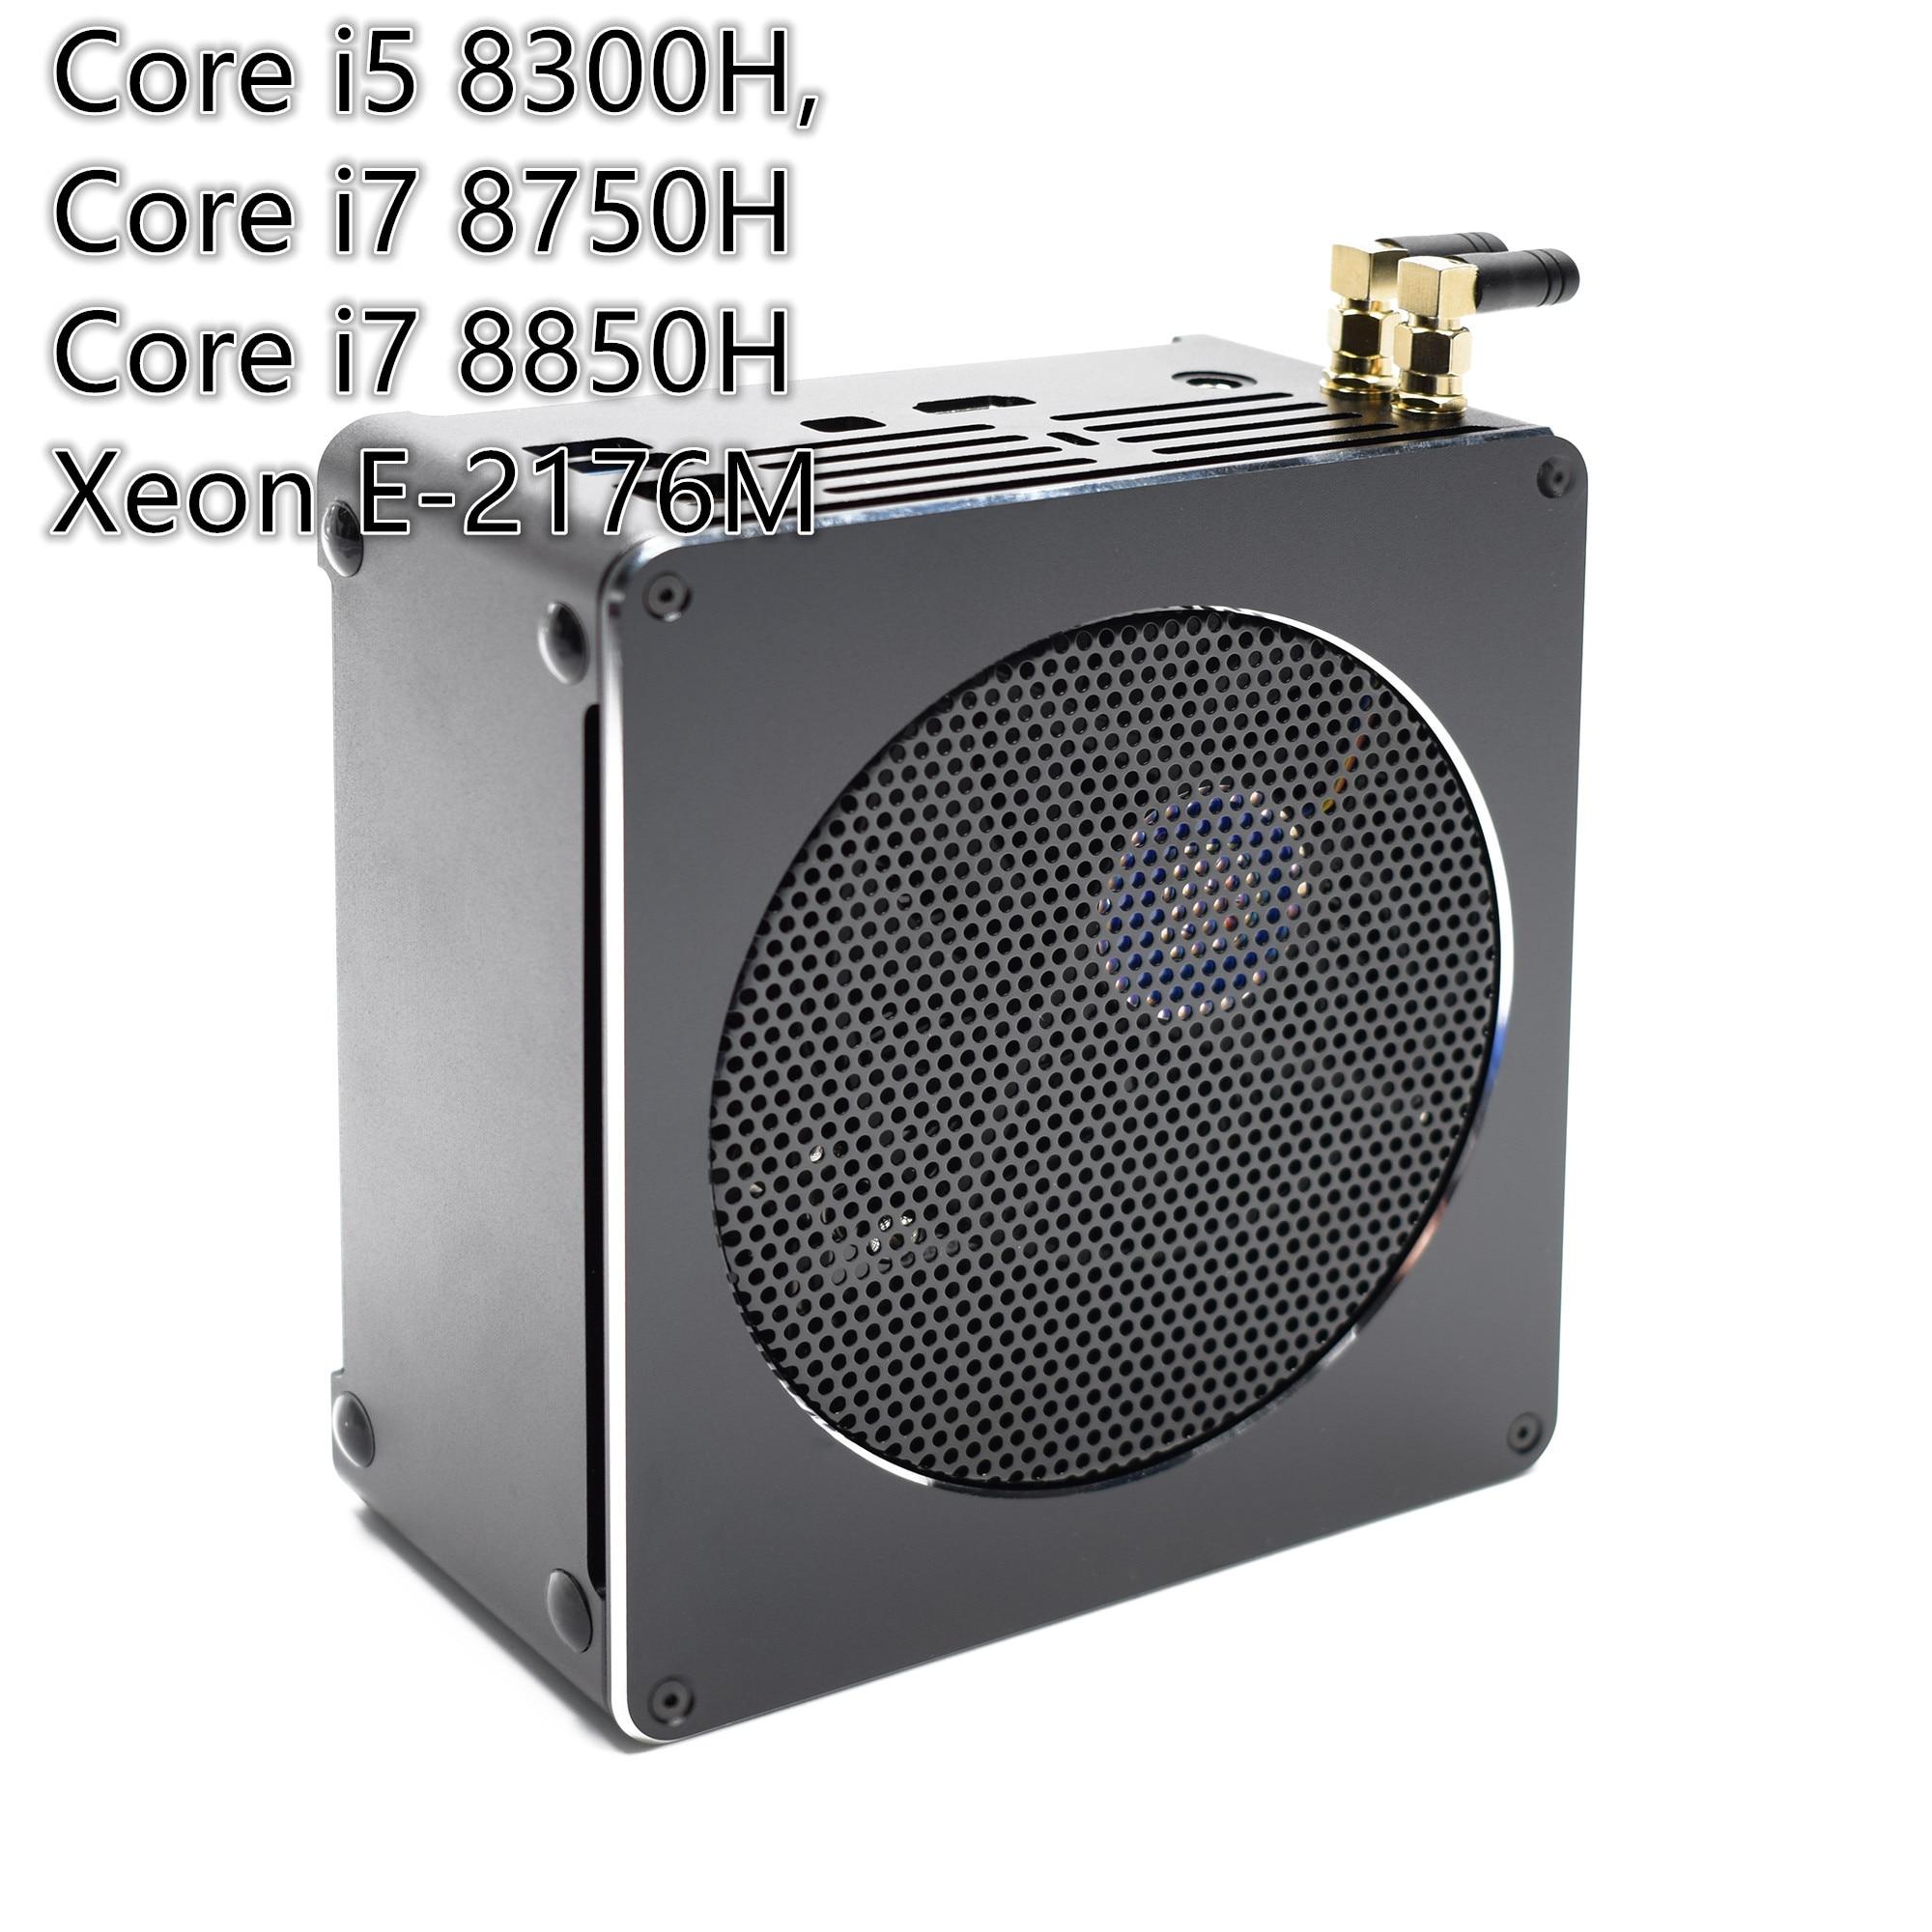 Новый 8-го поколения i7 8750H Мини ПК Windows 10 HTPC 4K Kodi TV Box i9 8950HK Настольный игровой компьютер DDR4 NVME PCIe Type-C AC WiFi